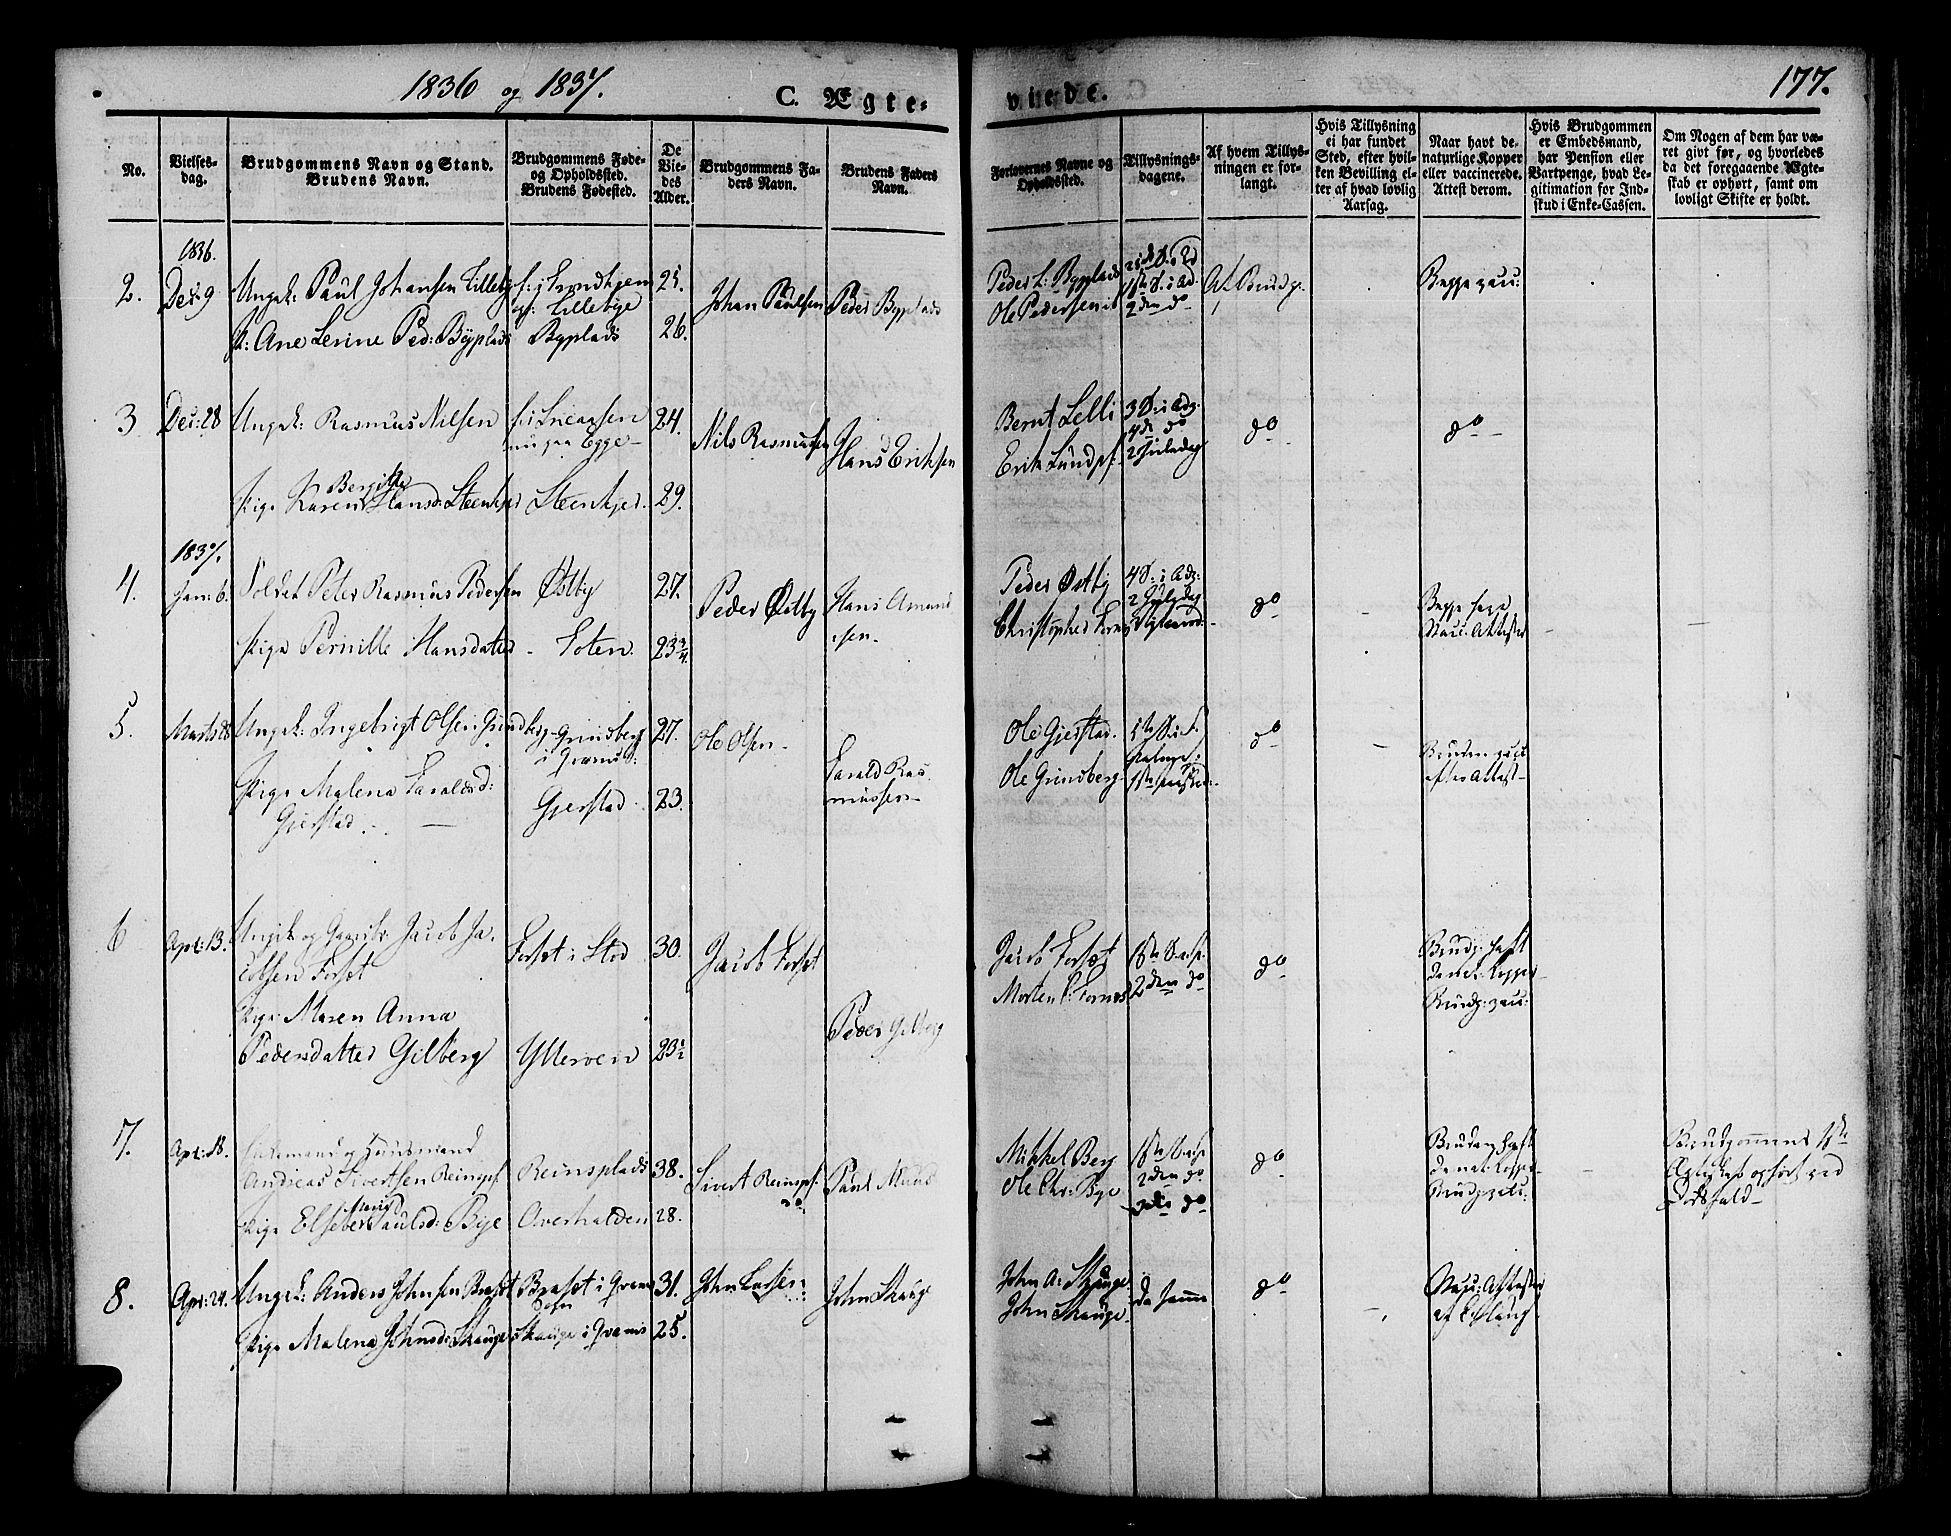 SAT, Ministerialprotokoller, klokkerbøker og fødselsregistre - Nord-Trøndelag, 746/L0445: Ministerialbok nr. 746A04, 1826-1846, s. 177